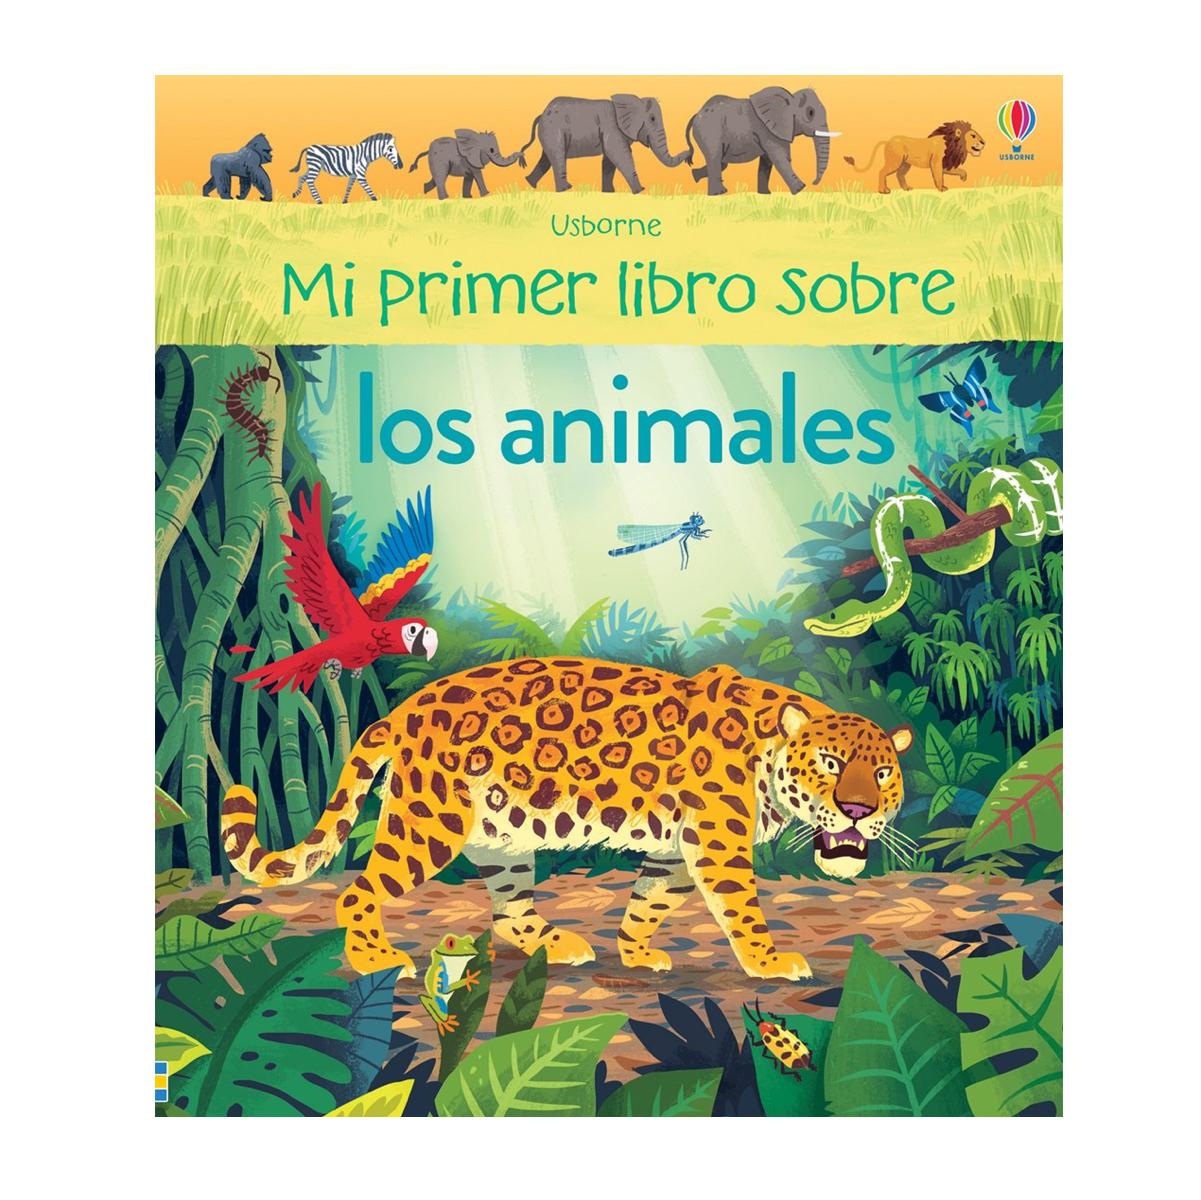 mi-primer-libro-sobre-los-animales-de-usborne-en-el-mundo-de-mico